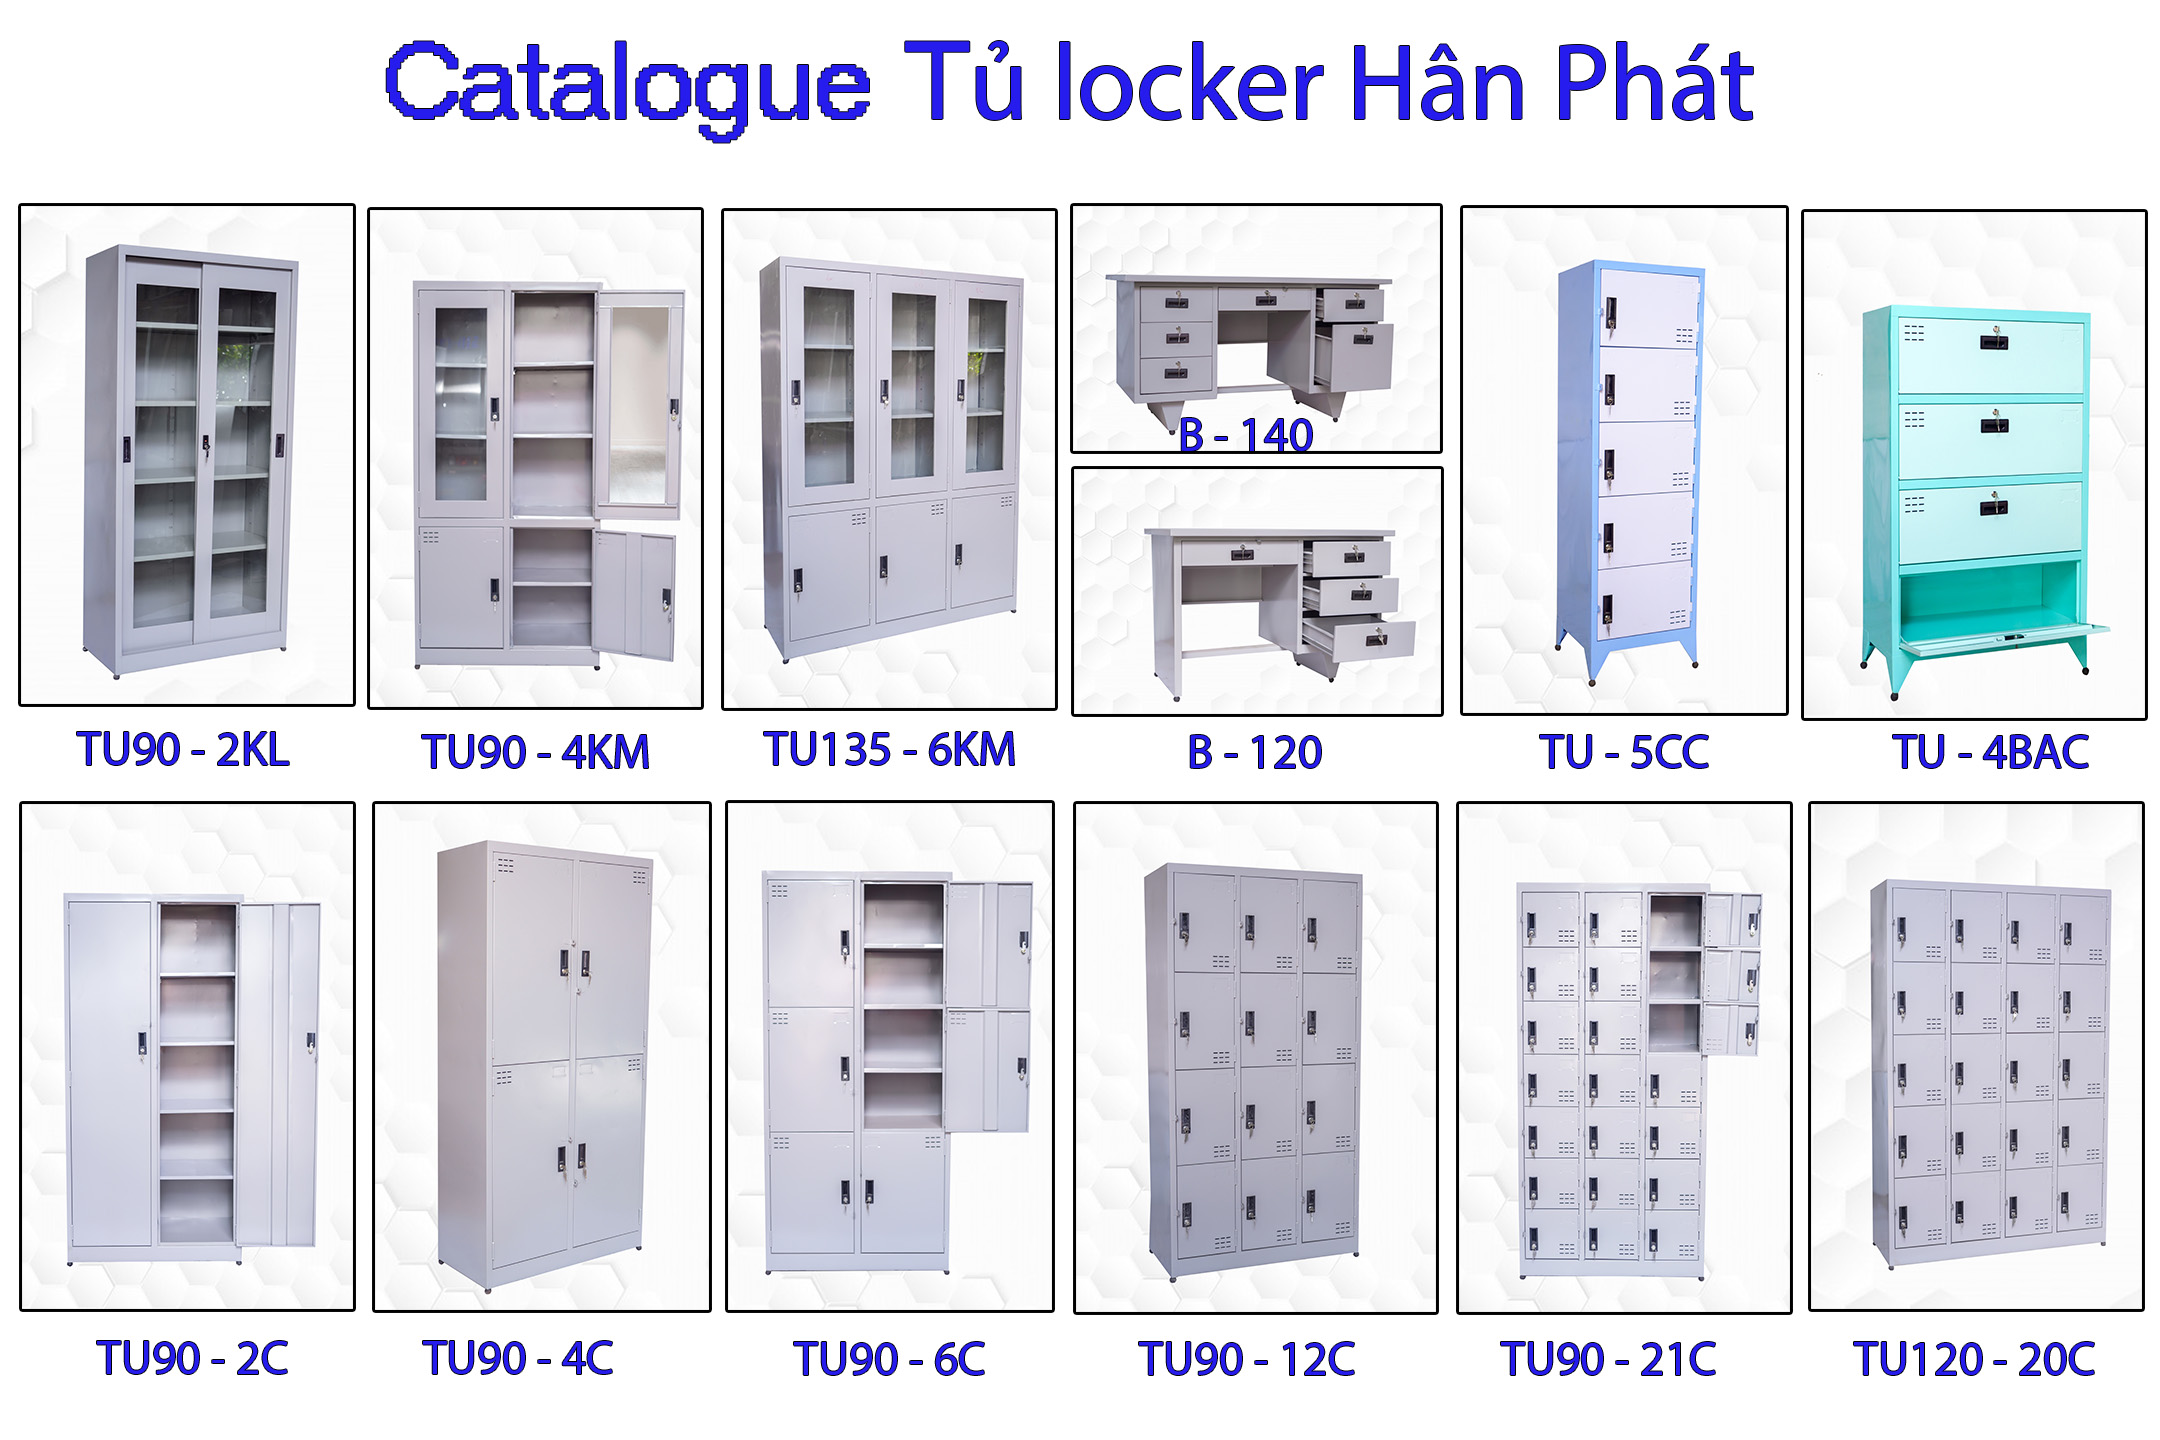 Tủ locker nhiều ngăn